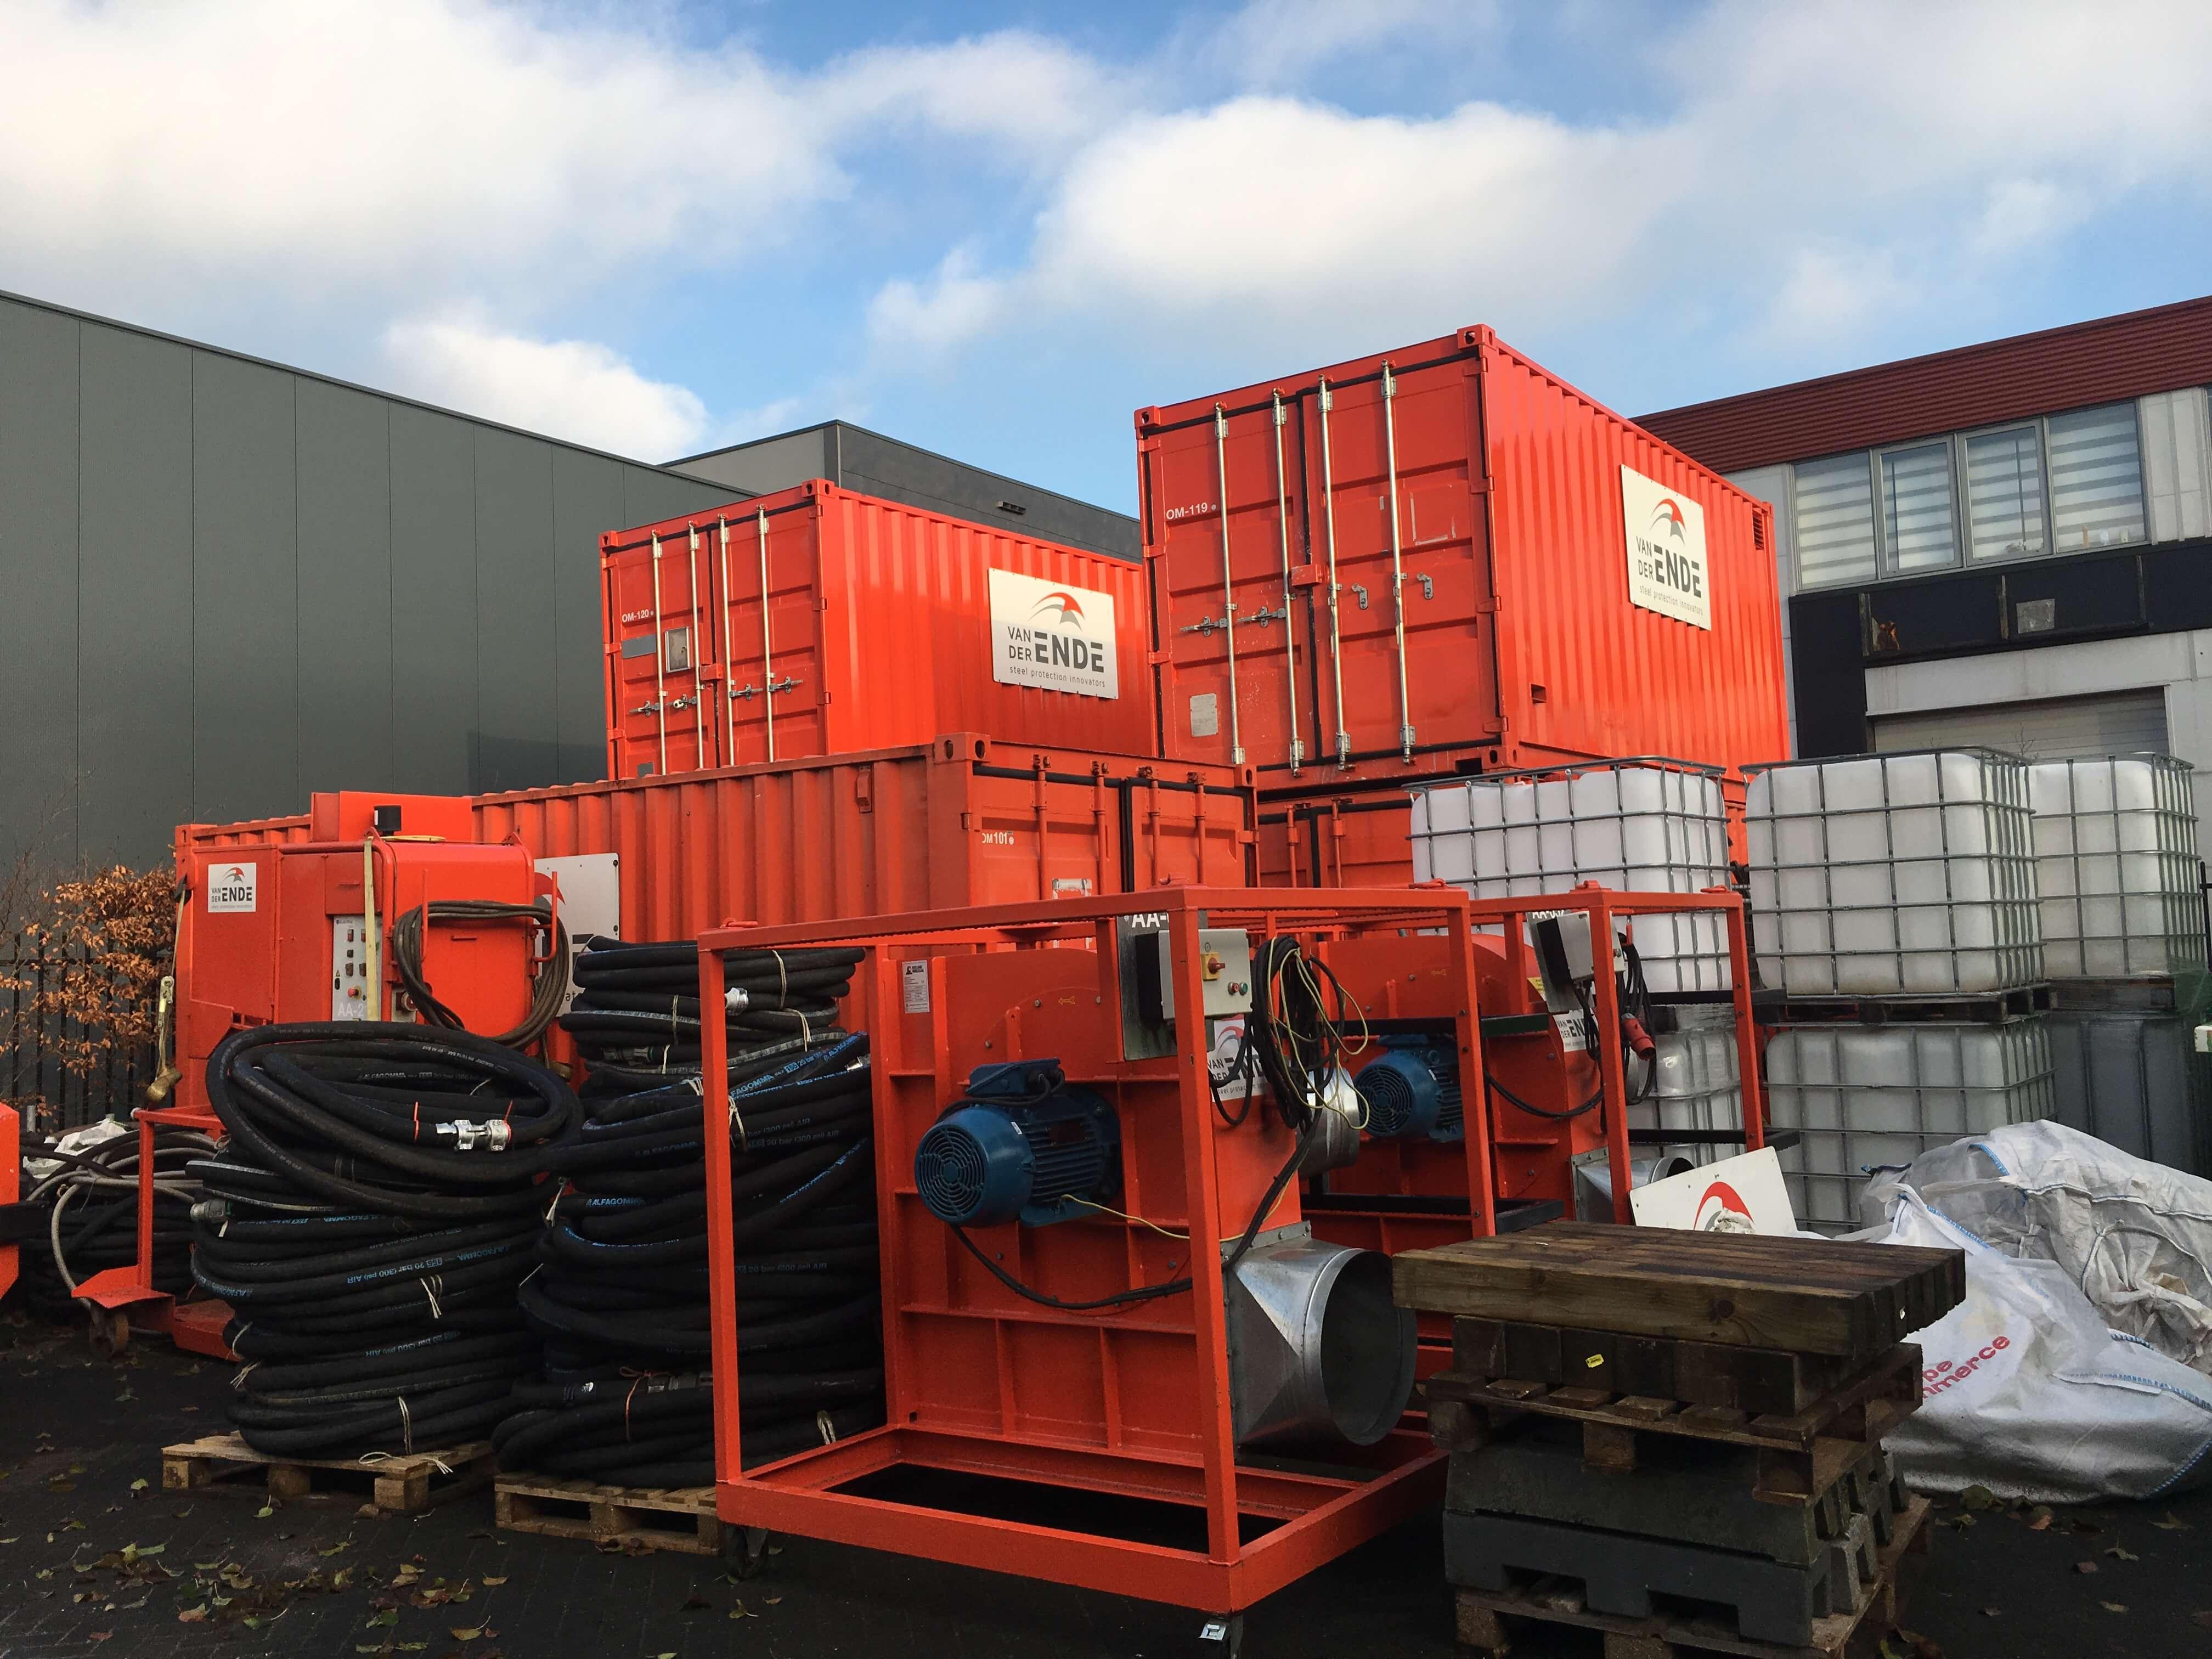 van-der-ende-steel-protectors-containers